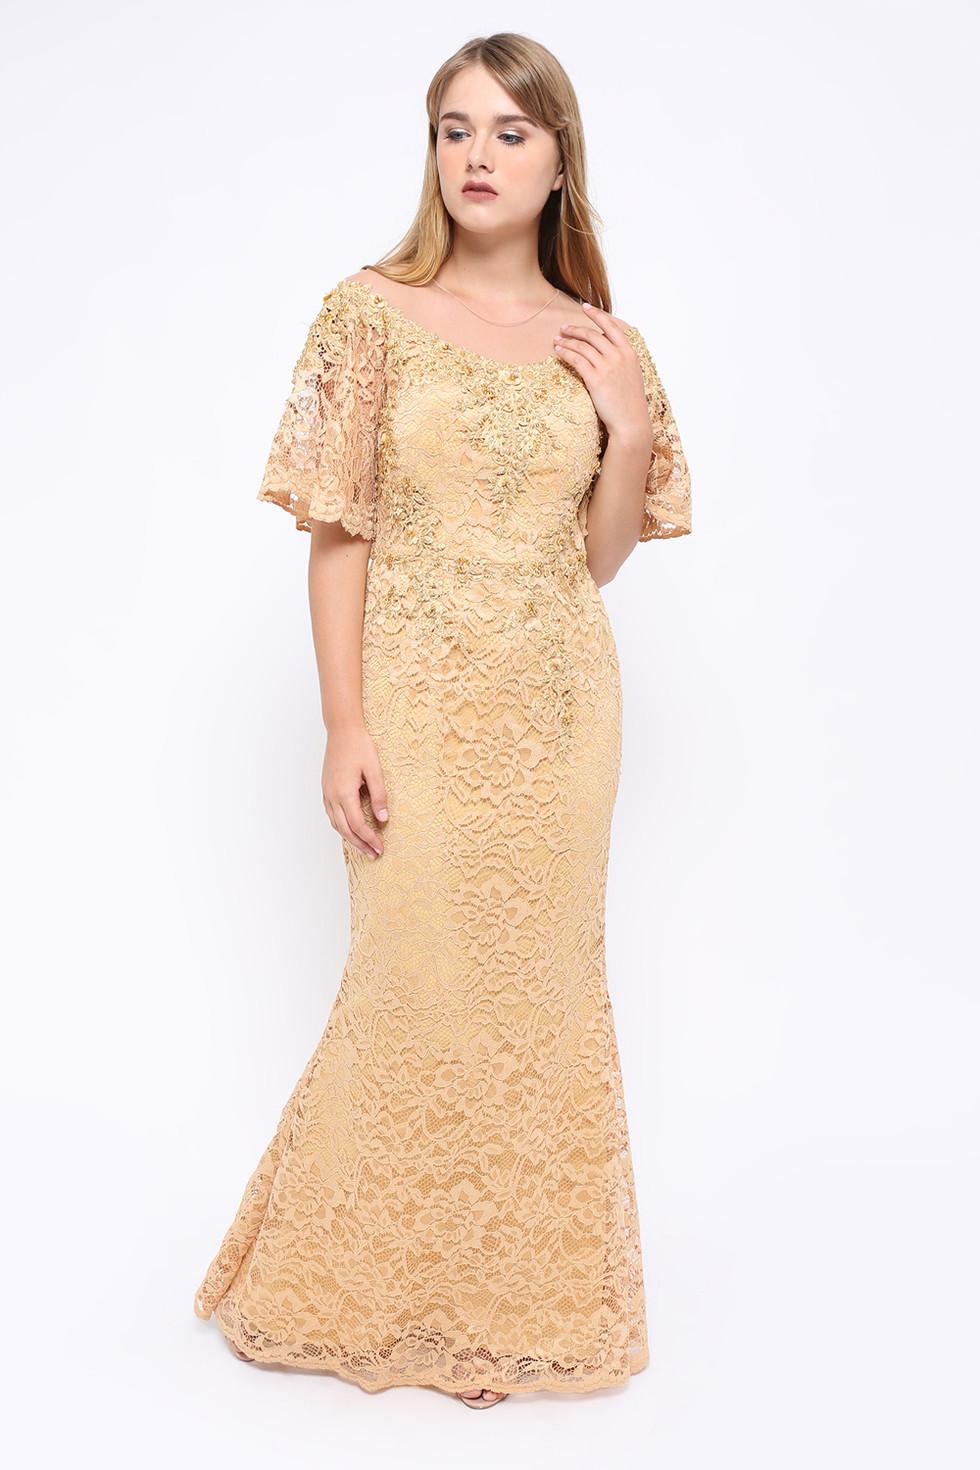 Kiat Memilih Dress Untuk Tubuh Full Waist